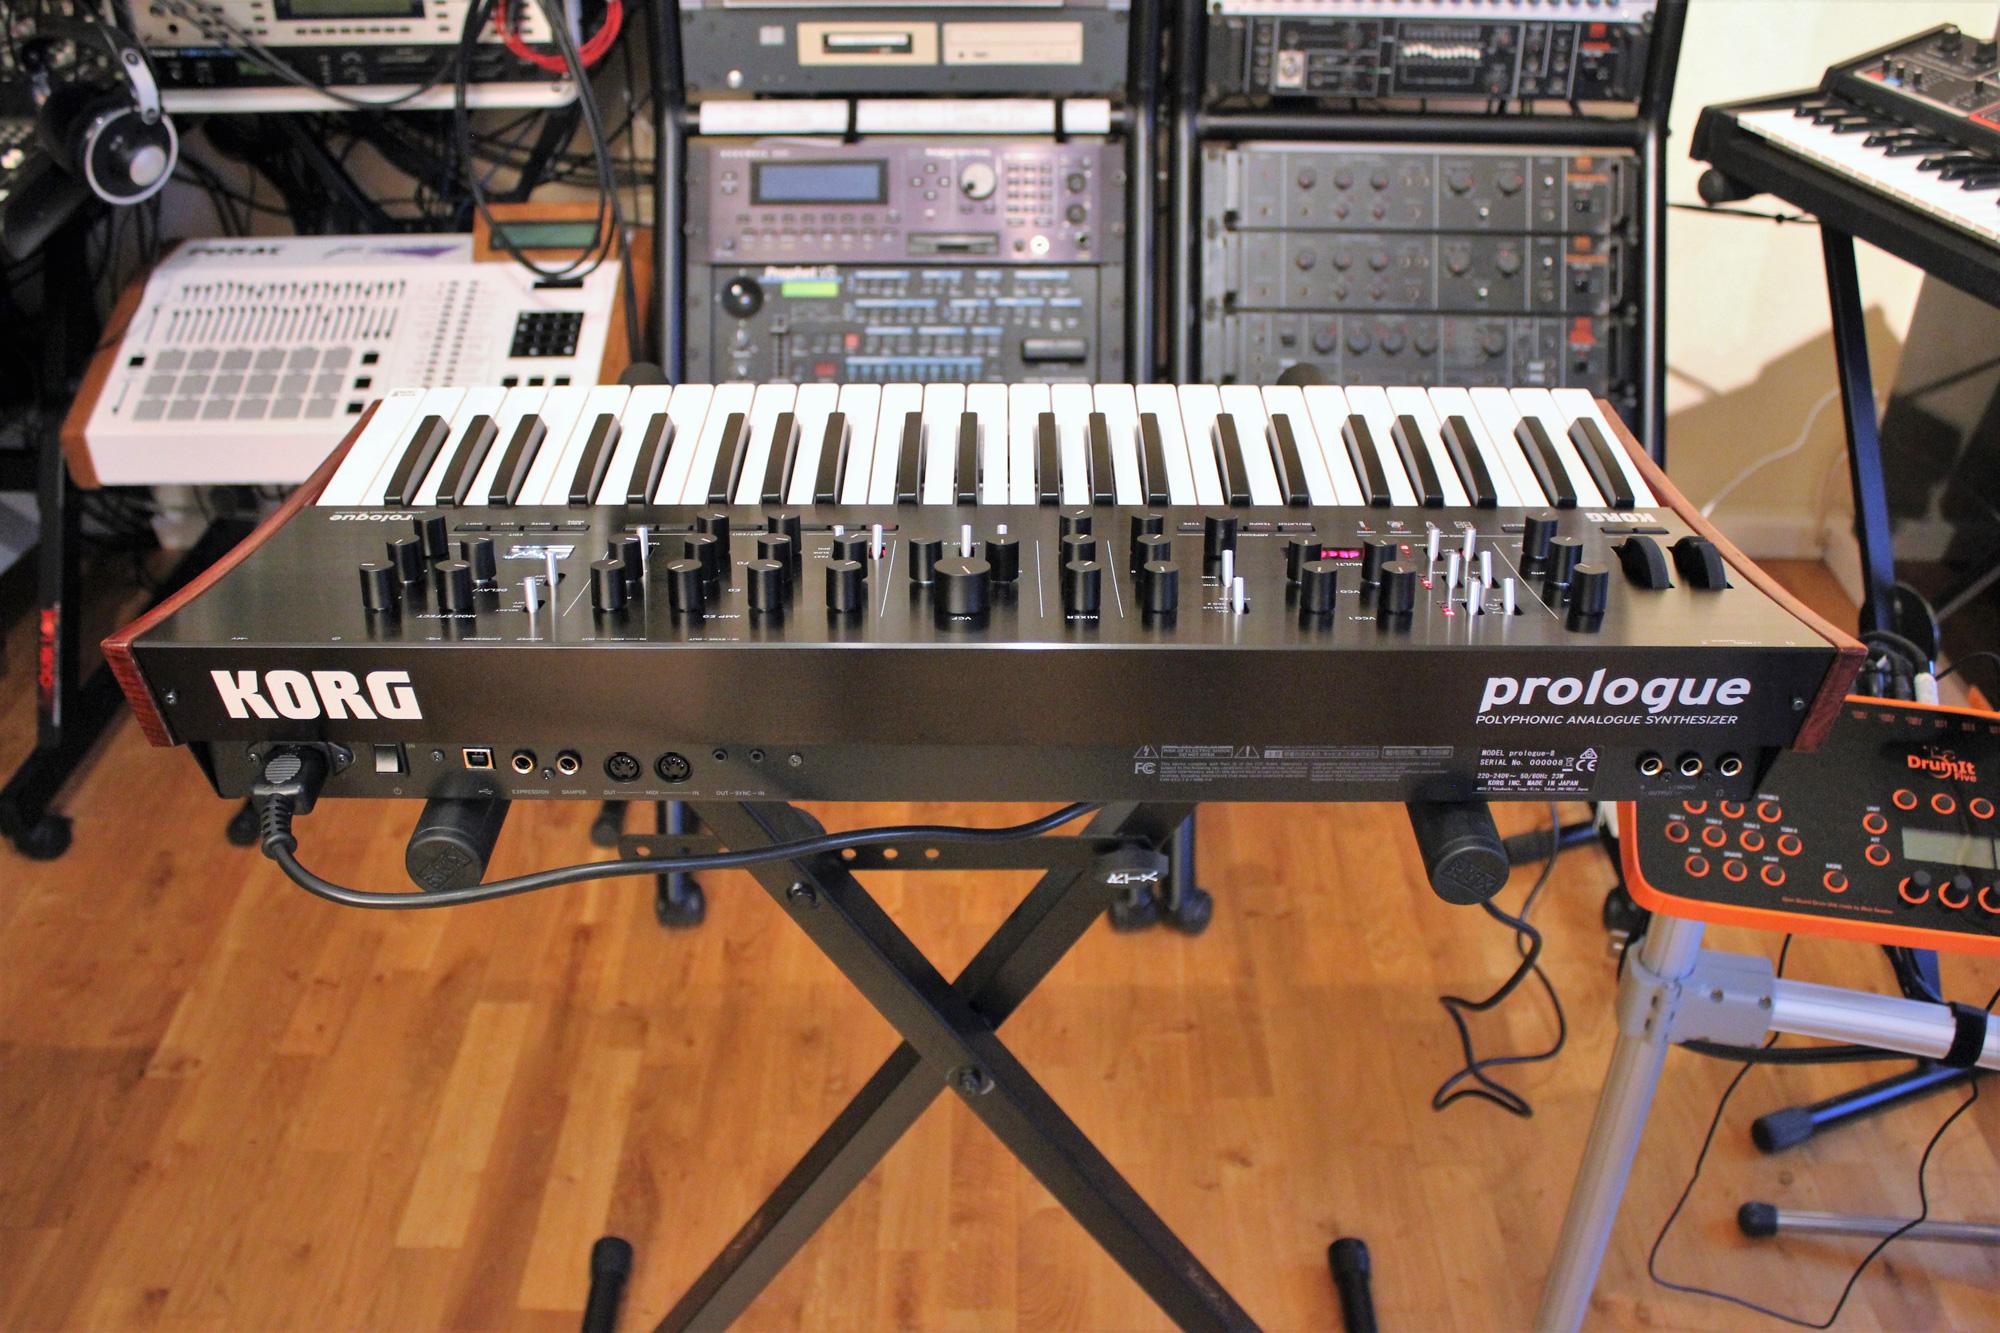 Test du synthétiseur analogique polyphonique Korg Prologue-8